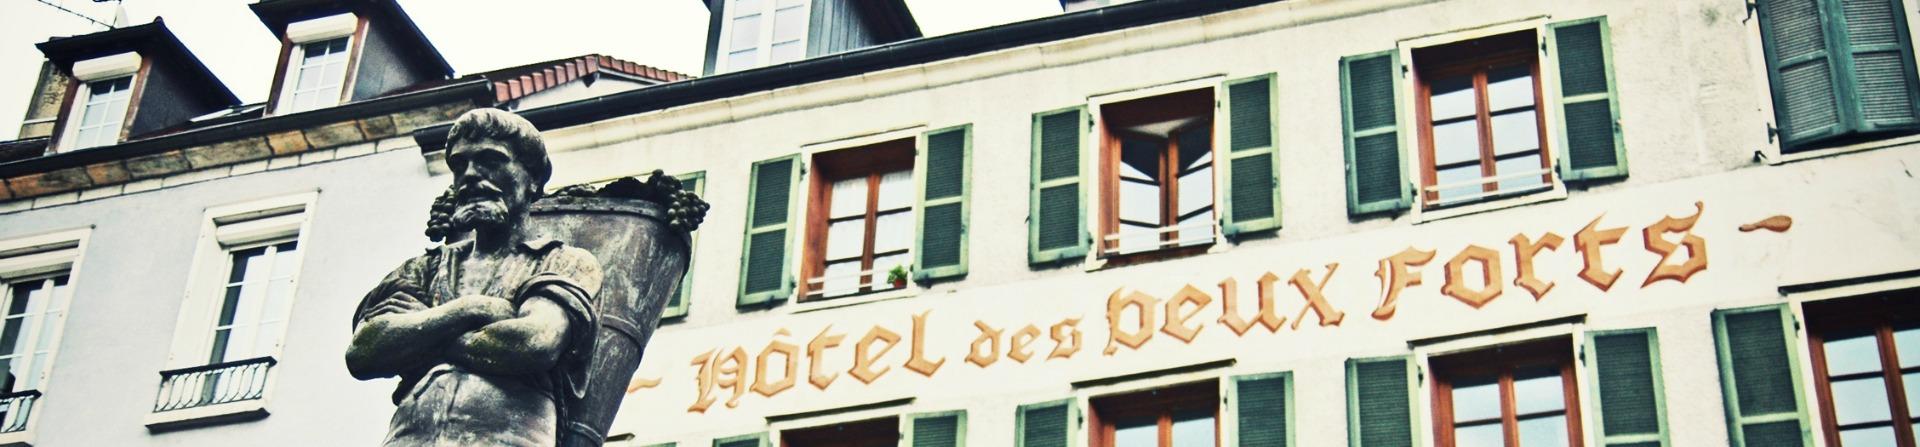 Facade de l'hôtel des deux Forts Salins les Bains-Jura